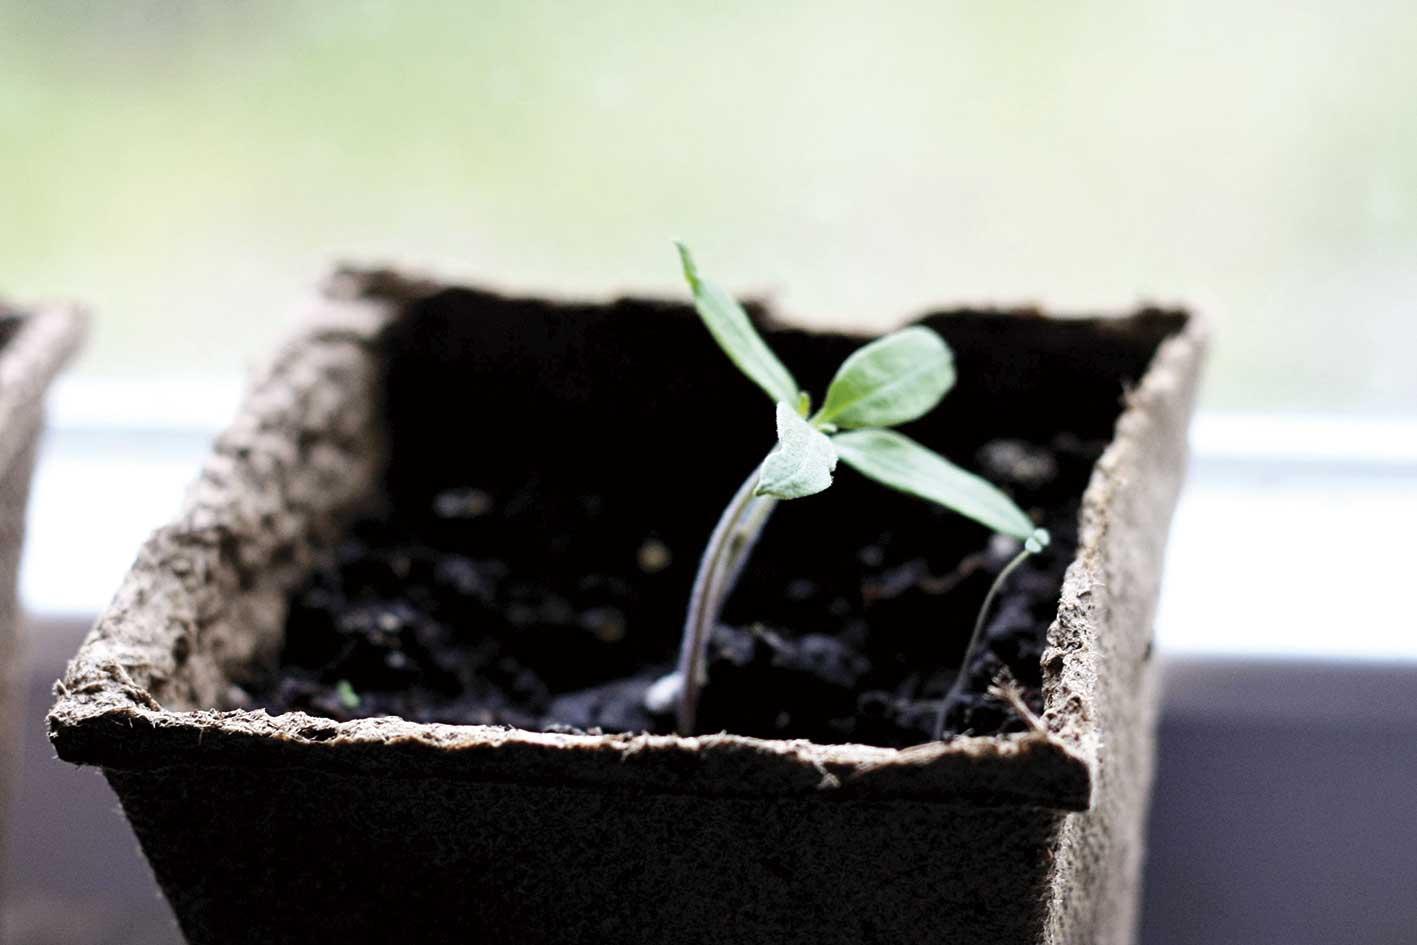 Cualquier planta crece en un sustrato apropiado